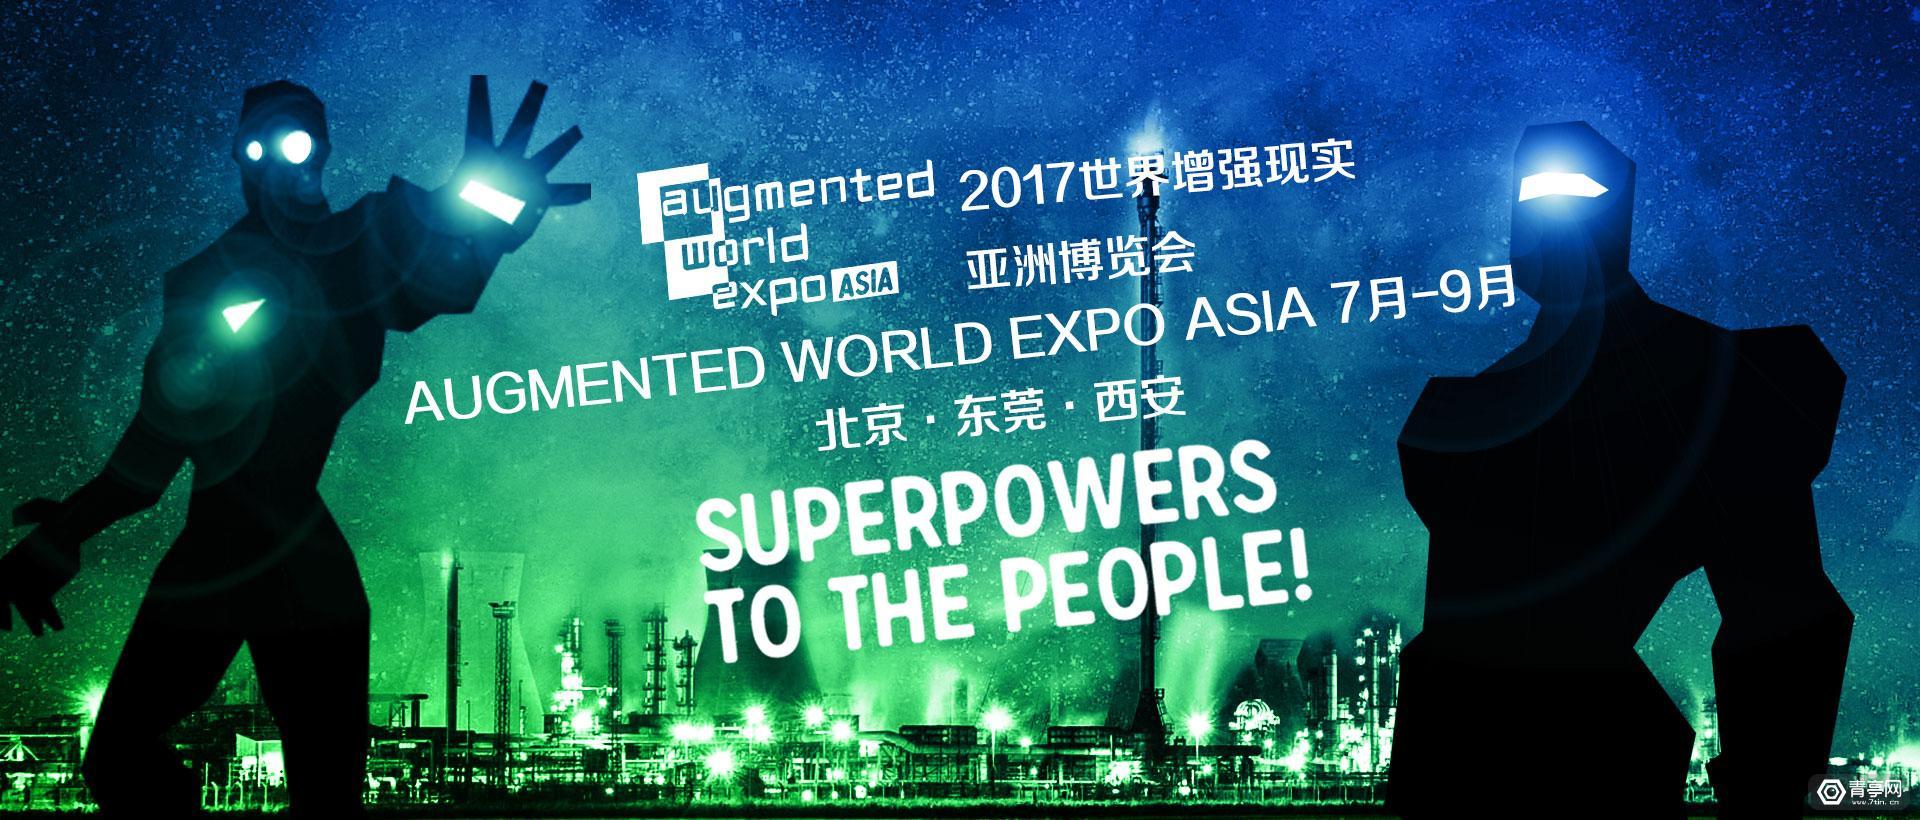 2017世界增强现实亚洲博览会将盛大开幕!